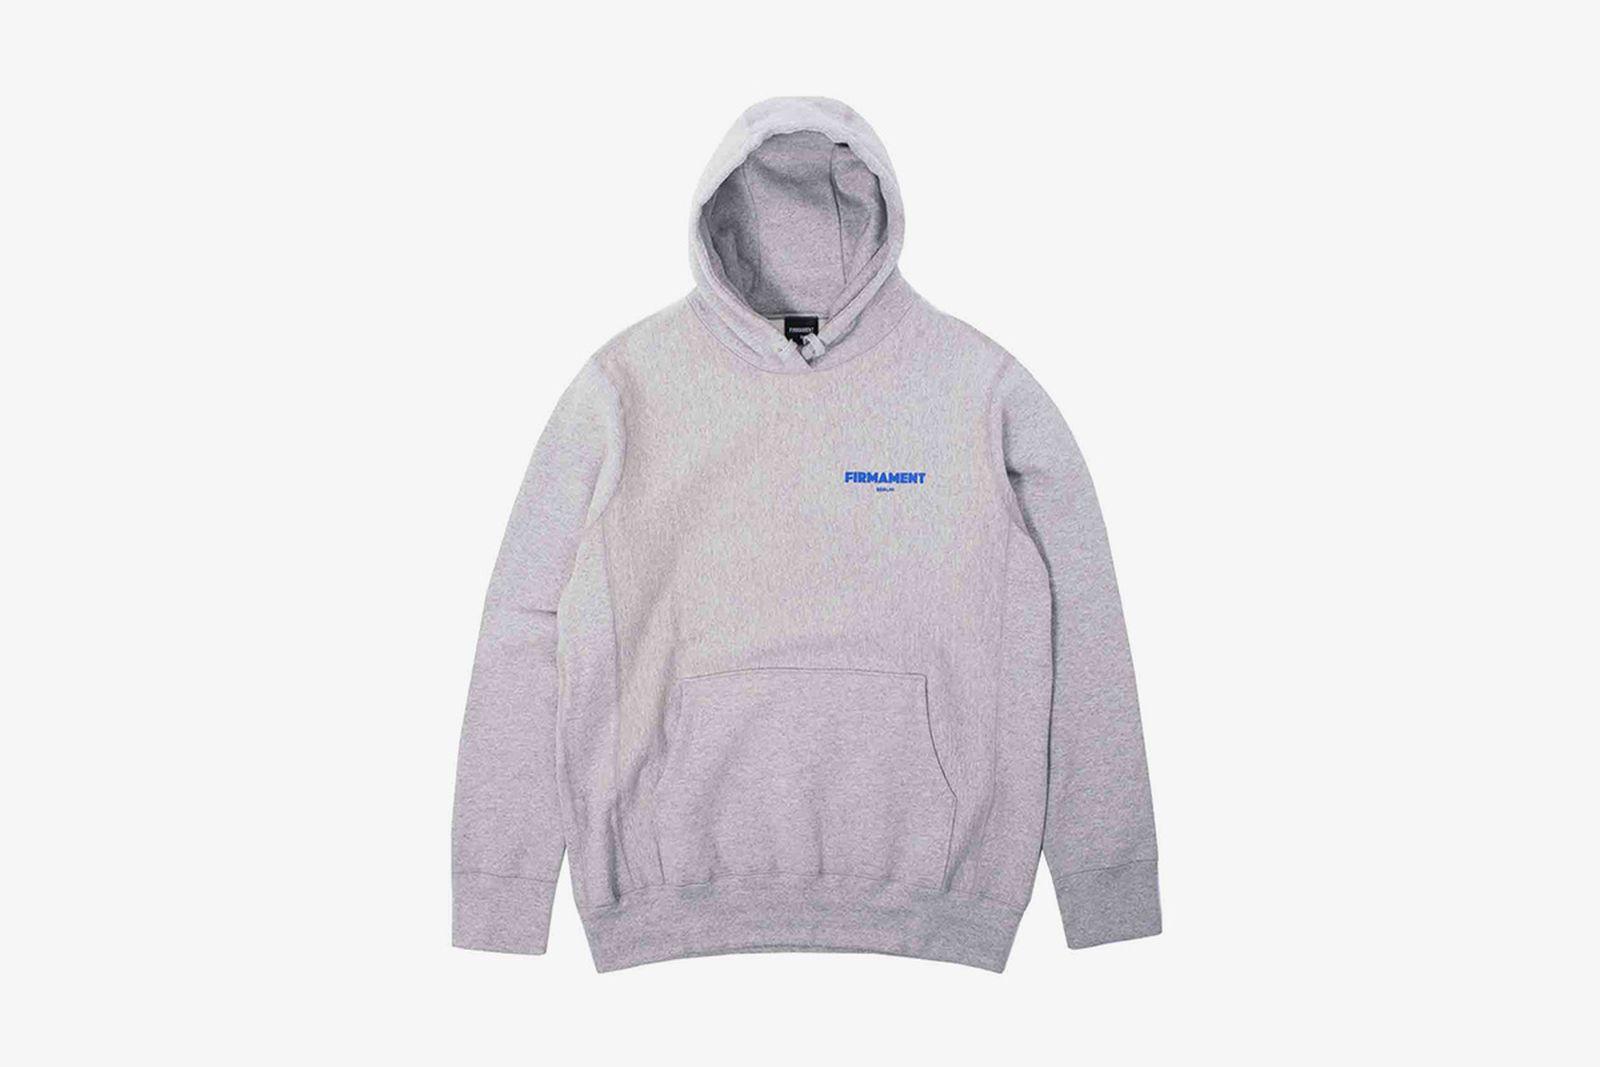 firmament logo hooded sweatshirt ace hotel berlin